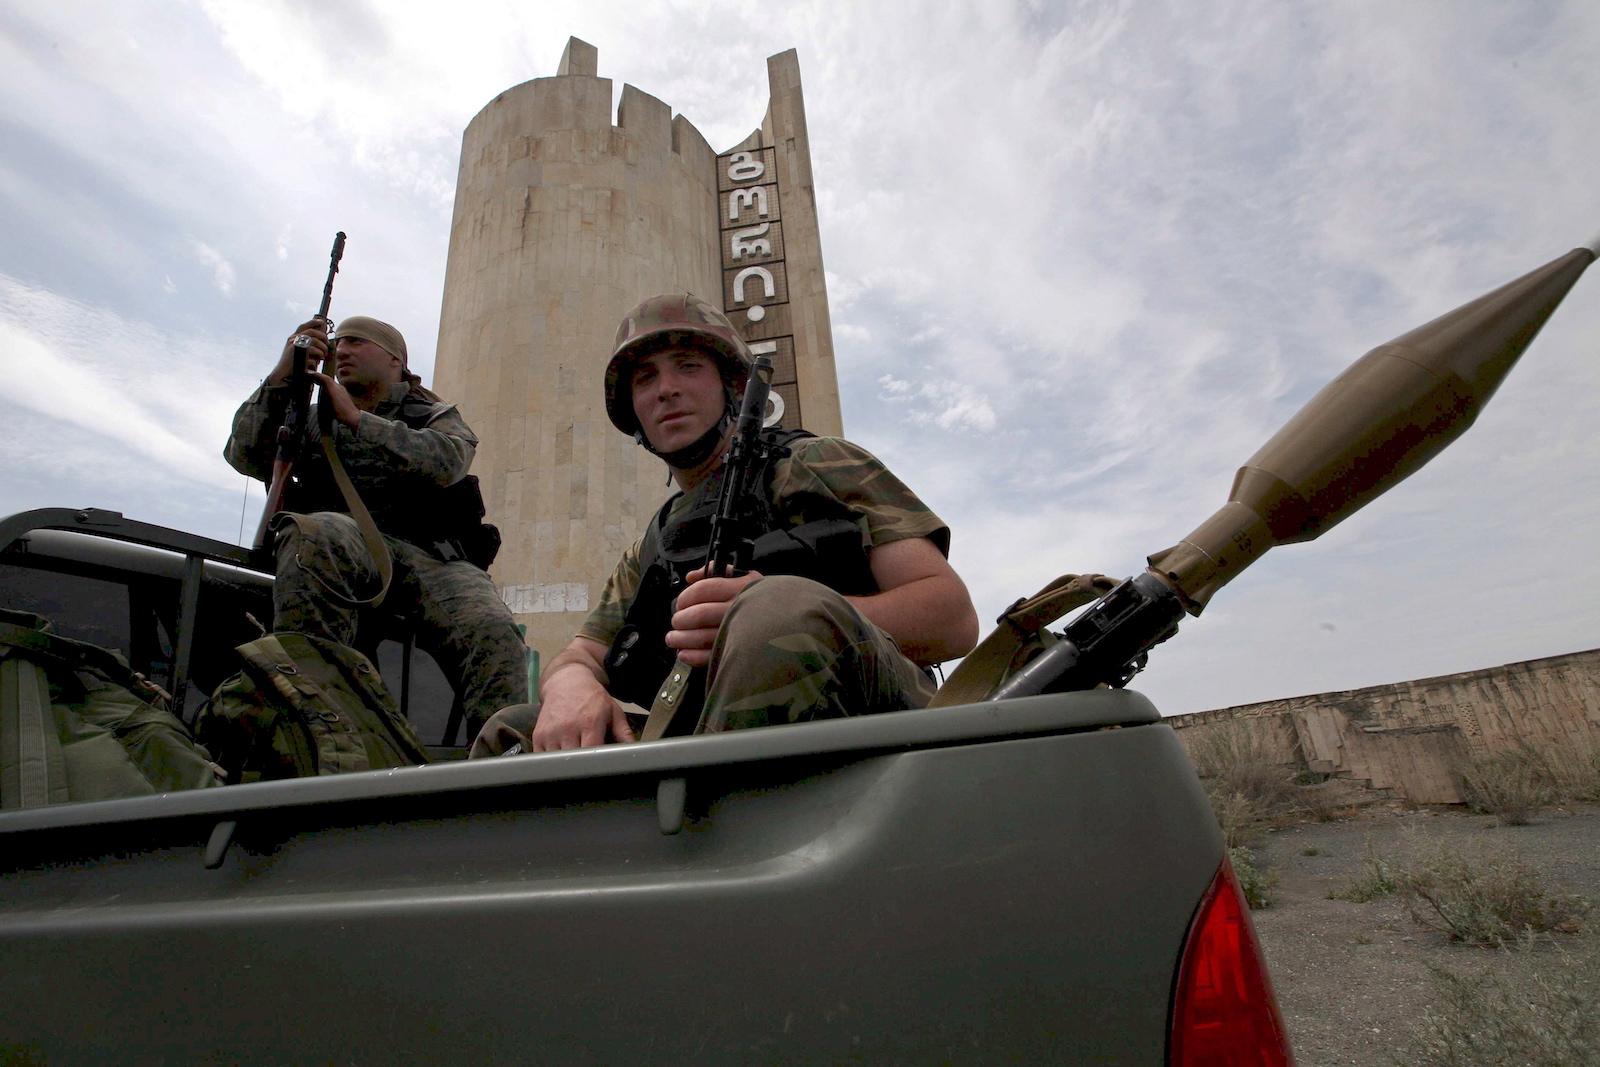 საქართველოს შეიარაღებული ძალები გორს ტოვებენ. ქალაქი რუსეთმა დაიკავა © EPA/PAVEL WOLBERG